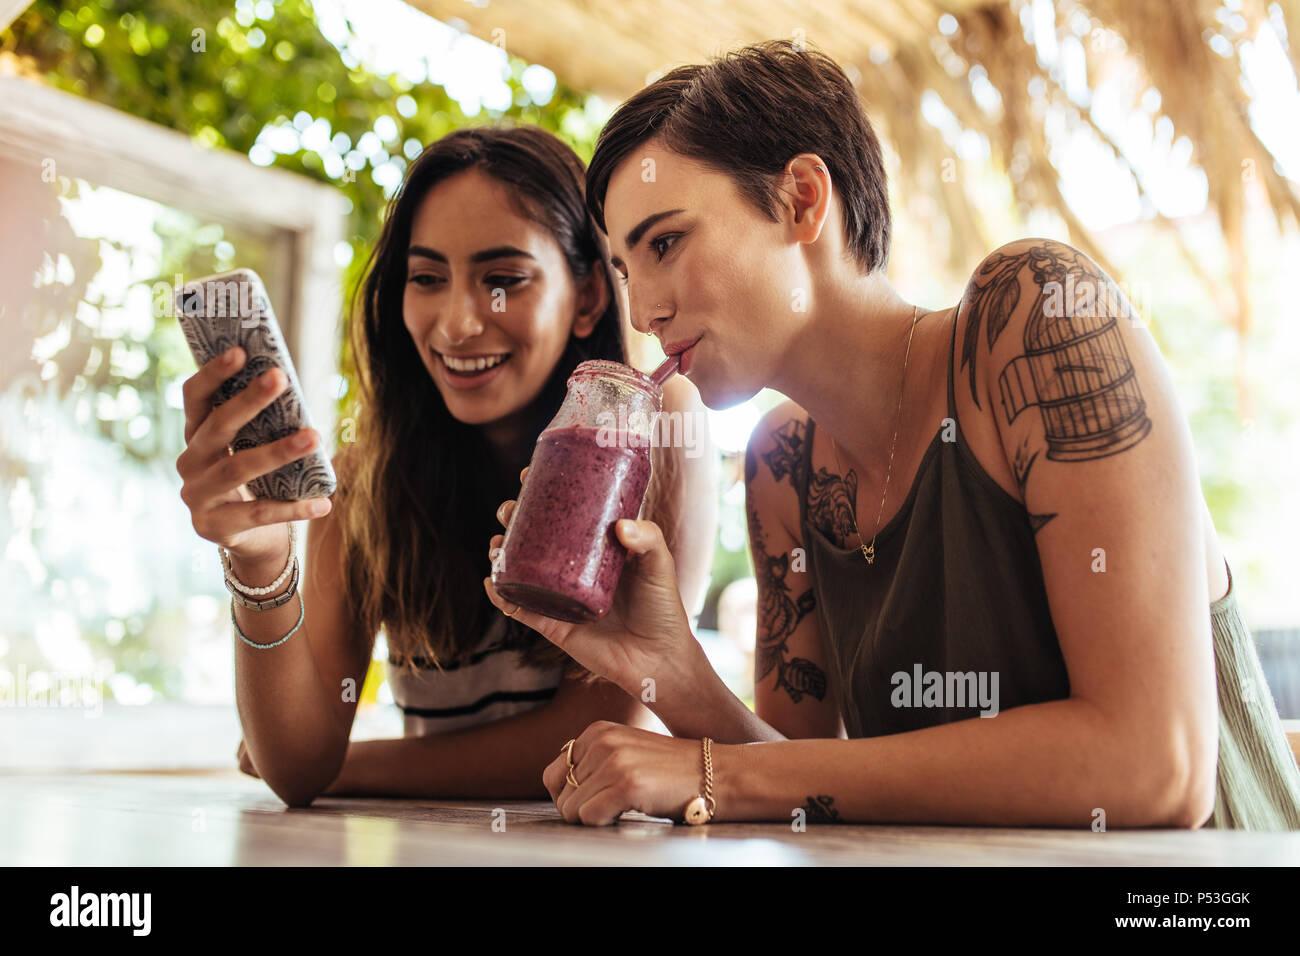 Cerca de dos mujeres sentadas en un restaurante mirando al teléfono móvil. Mujer mostrando el teléfono móvil mientras otra mujer goza de un batido. Imagen De Stock